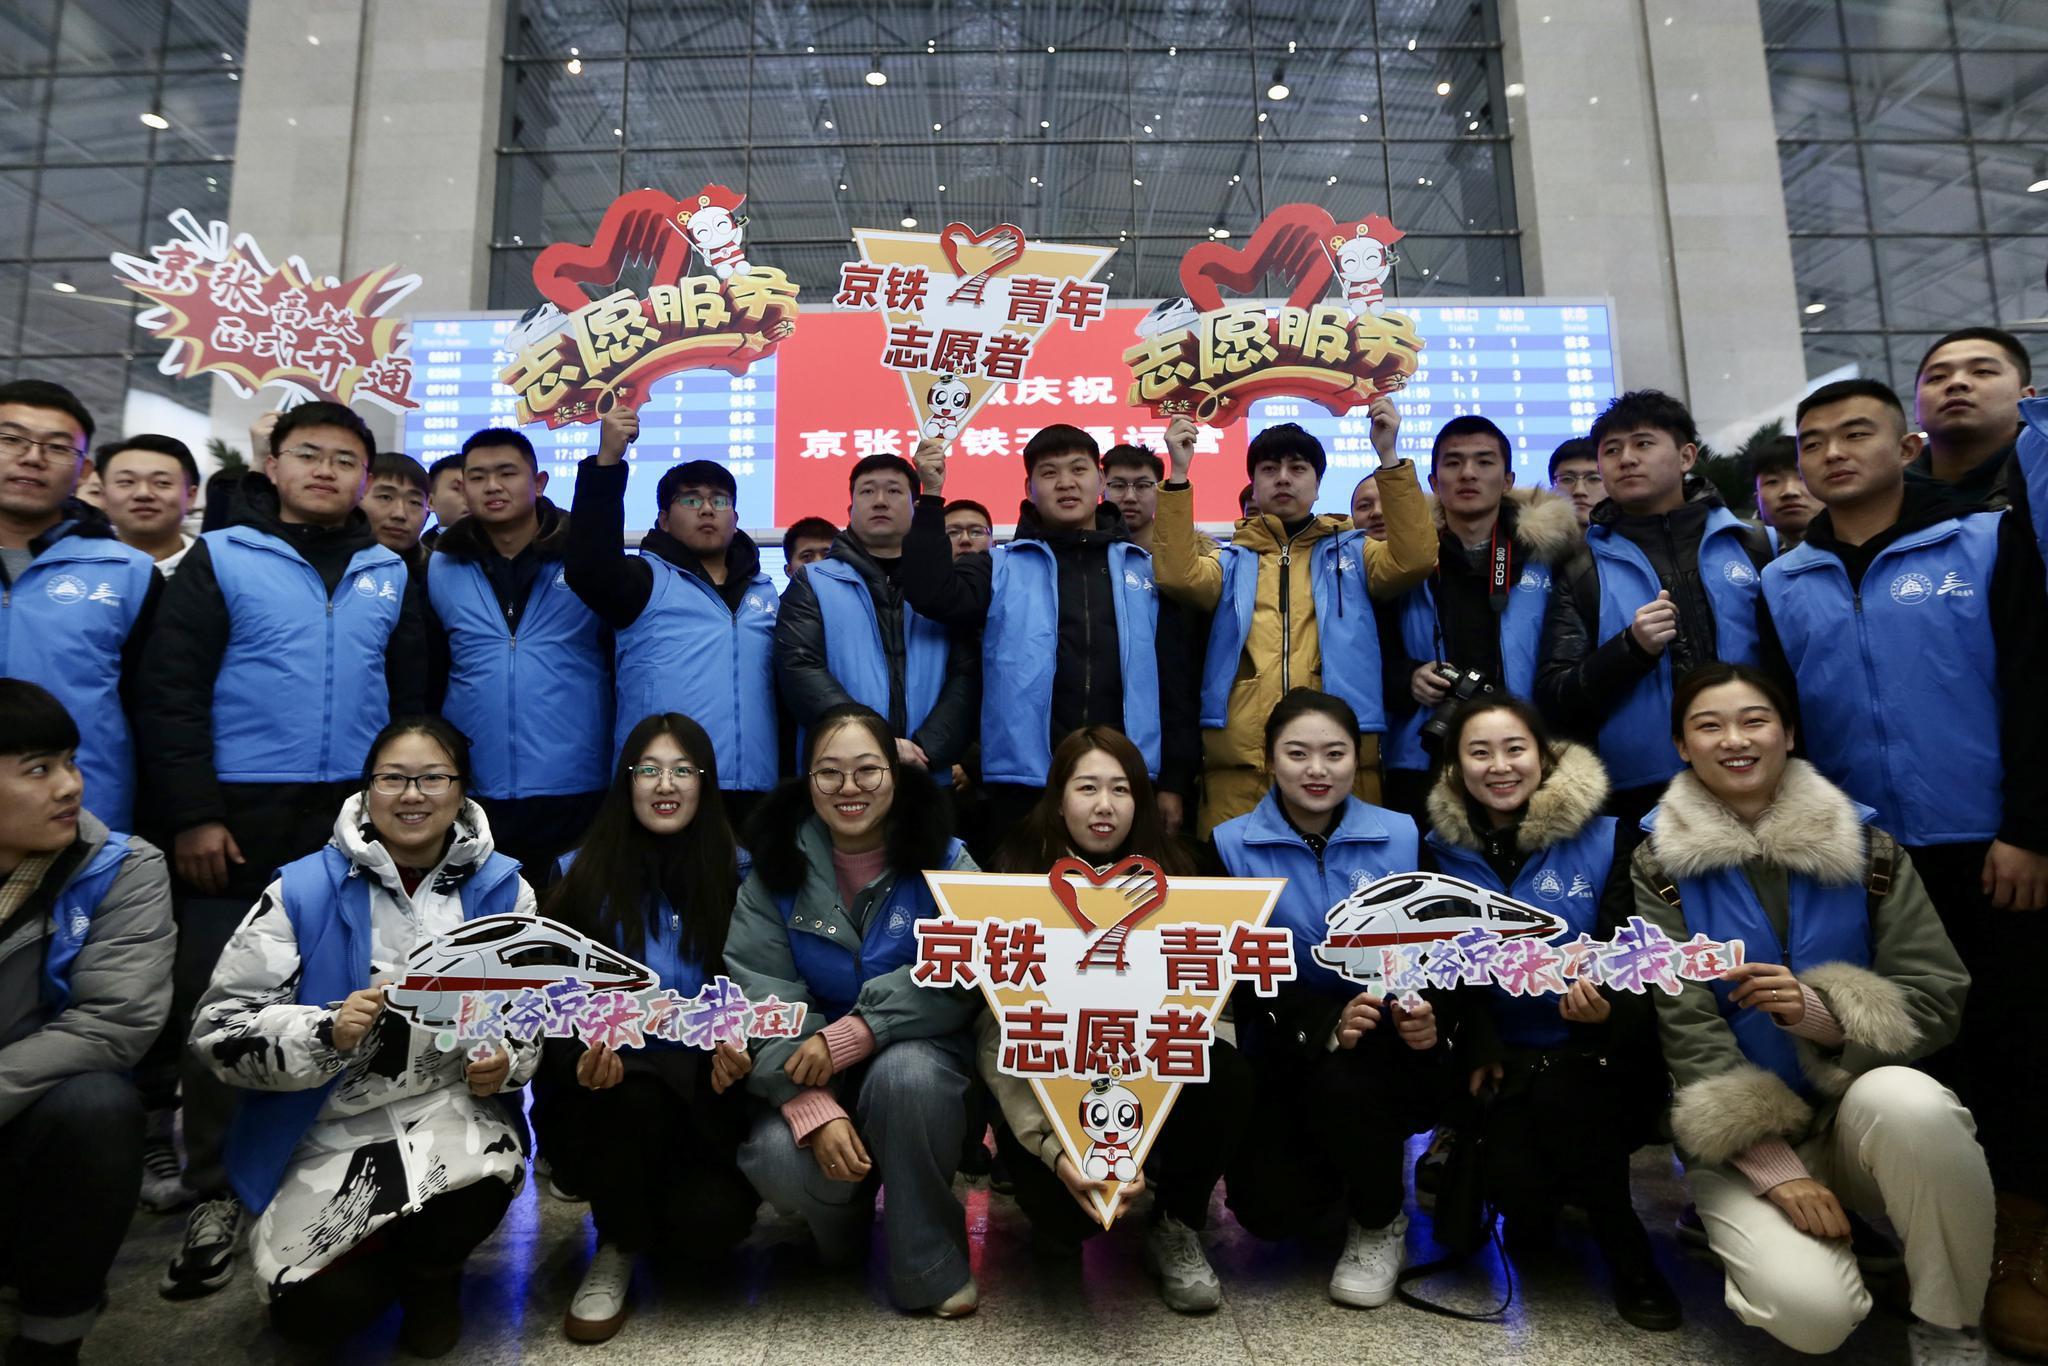 京张高铁志愿者:提前一年培训,每个岗位都曾实地演练图片